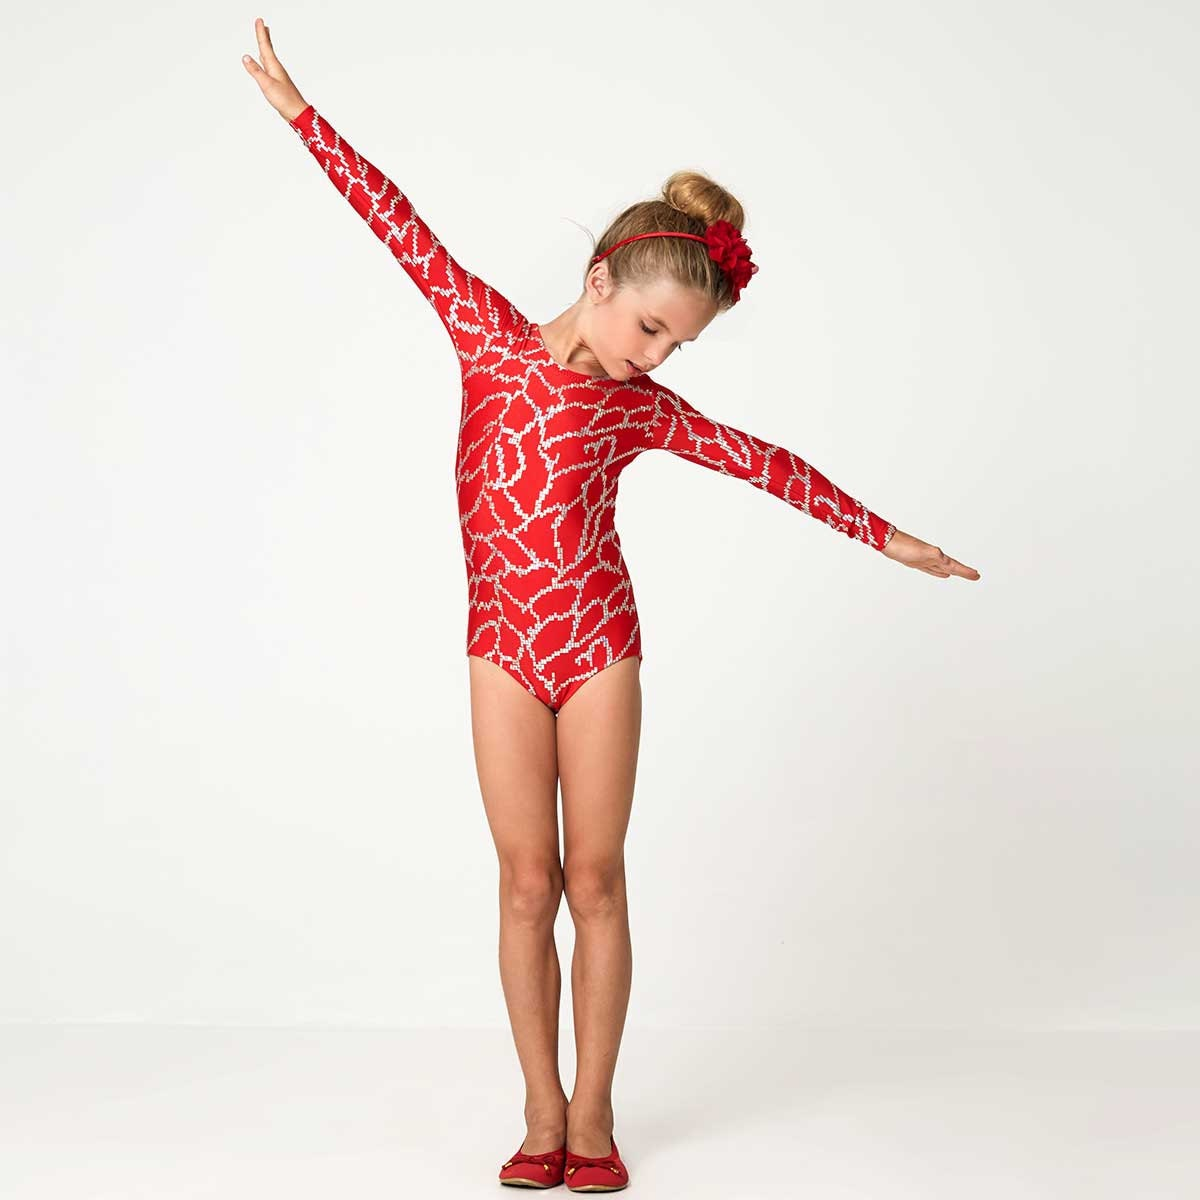 Tween gymnastic gallery, free nude live web cam